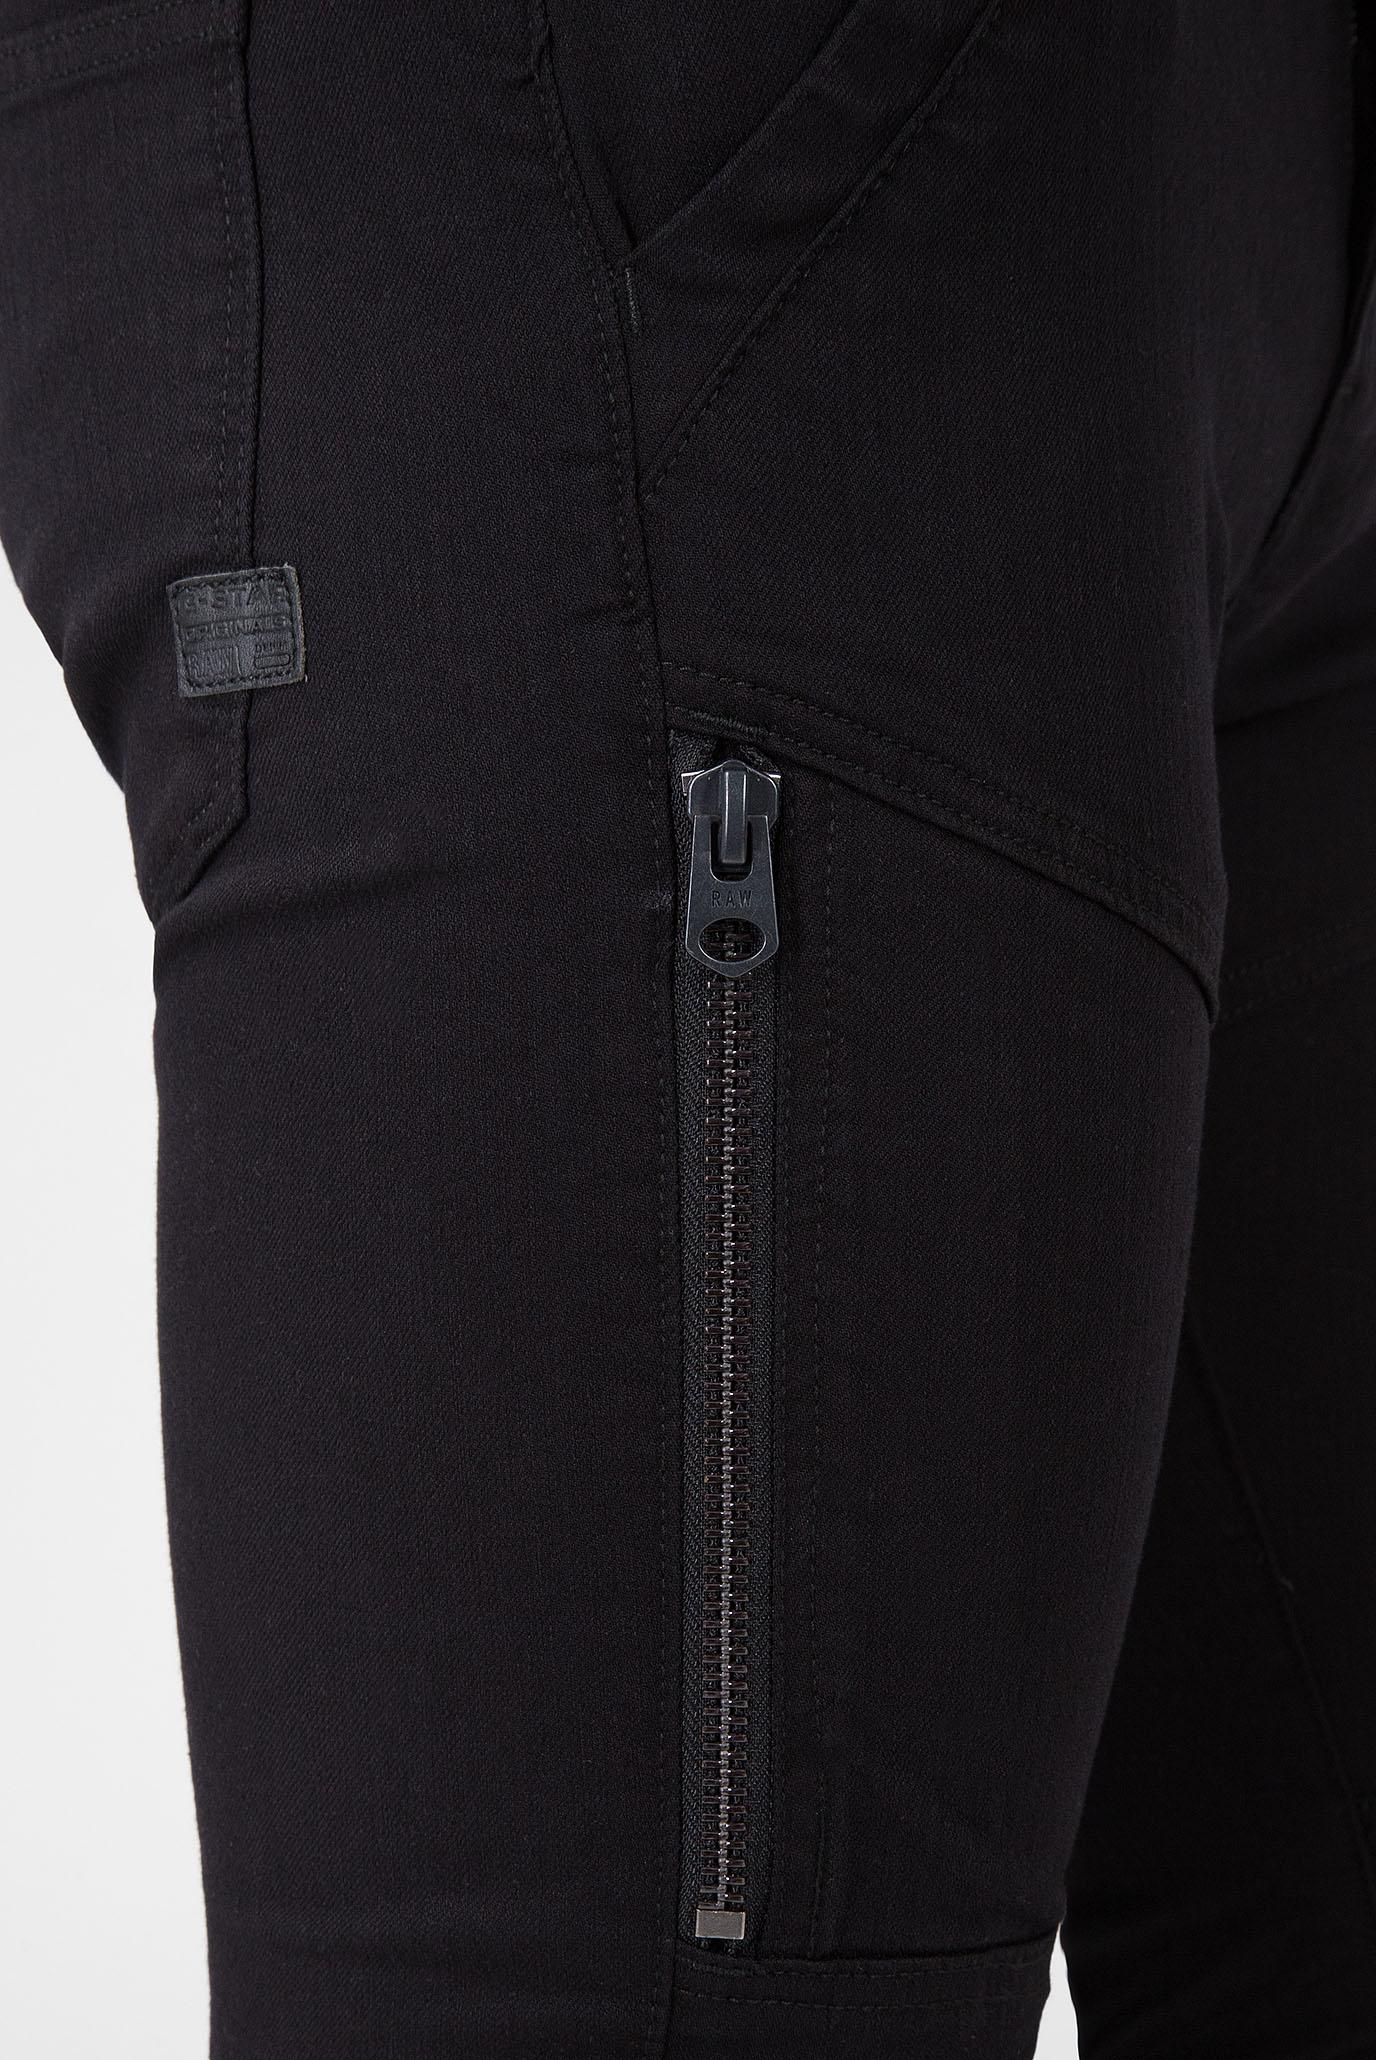 Купить Мужские темно-синие джинсы RACKAM G-Star RAW G-Star RAW D11076,8970 – Киев, Украина. Цены в интернет магазине MD Fashion